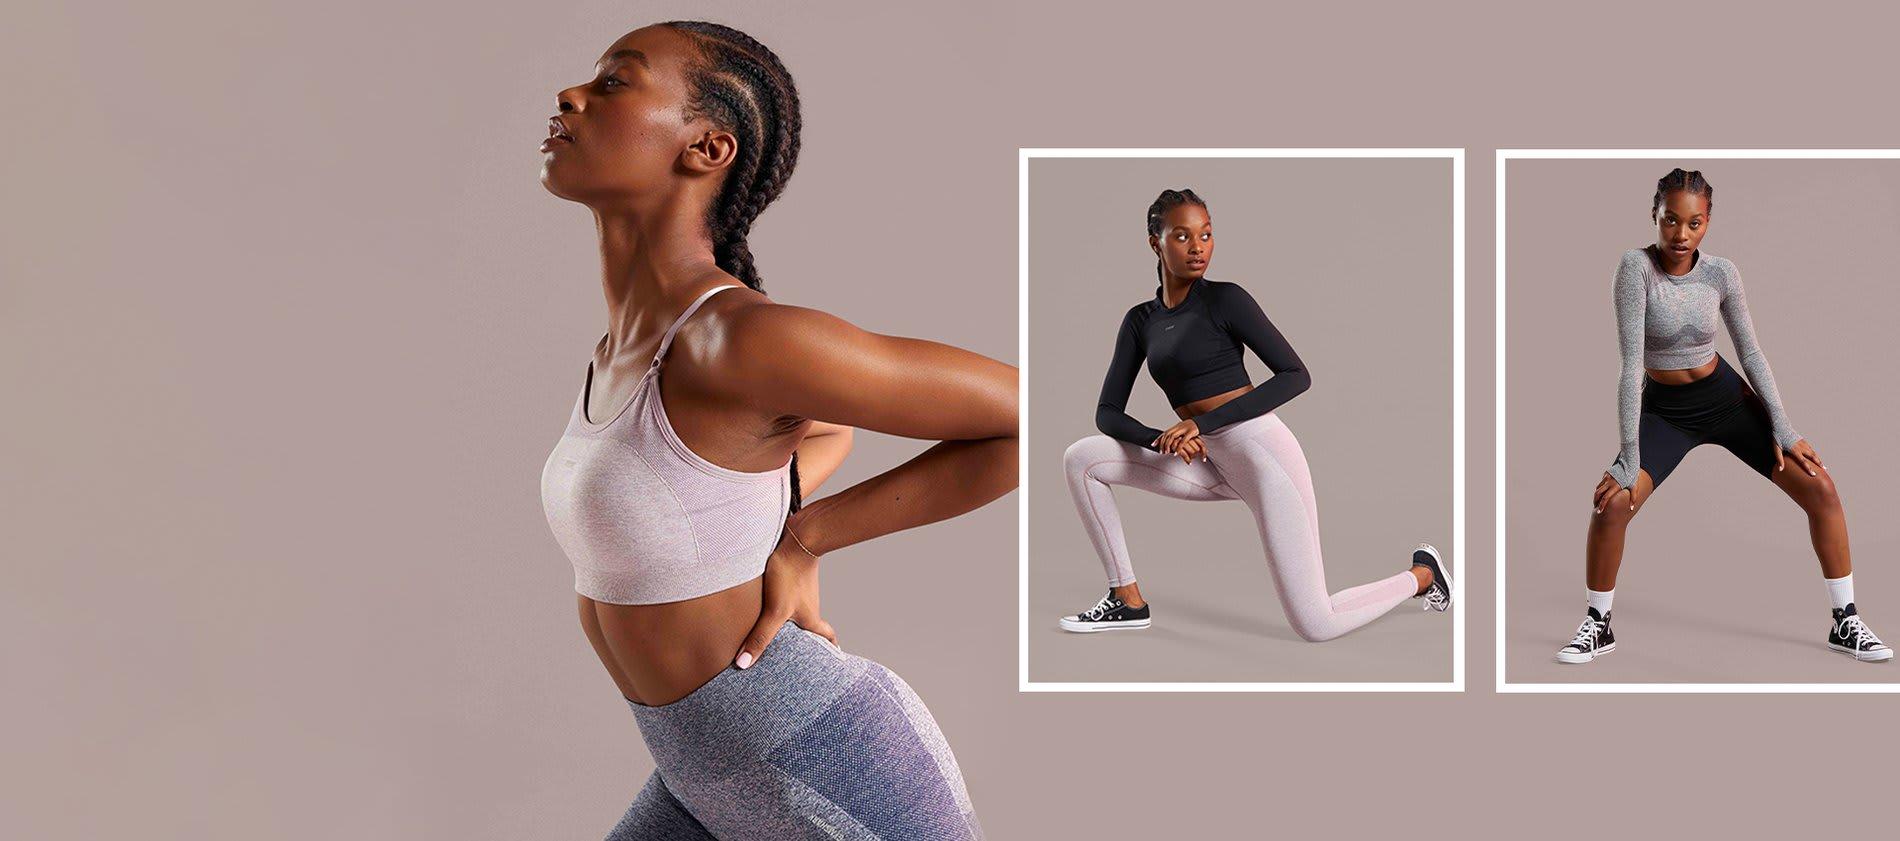 Collage eines weiblichen Models, was vor einem neutralen Hintergrund ist und die Flex Kollektion trägt.